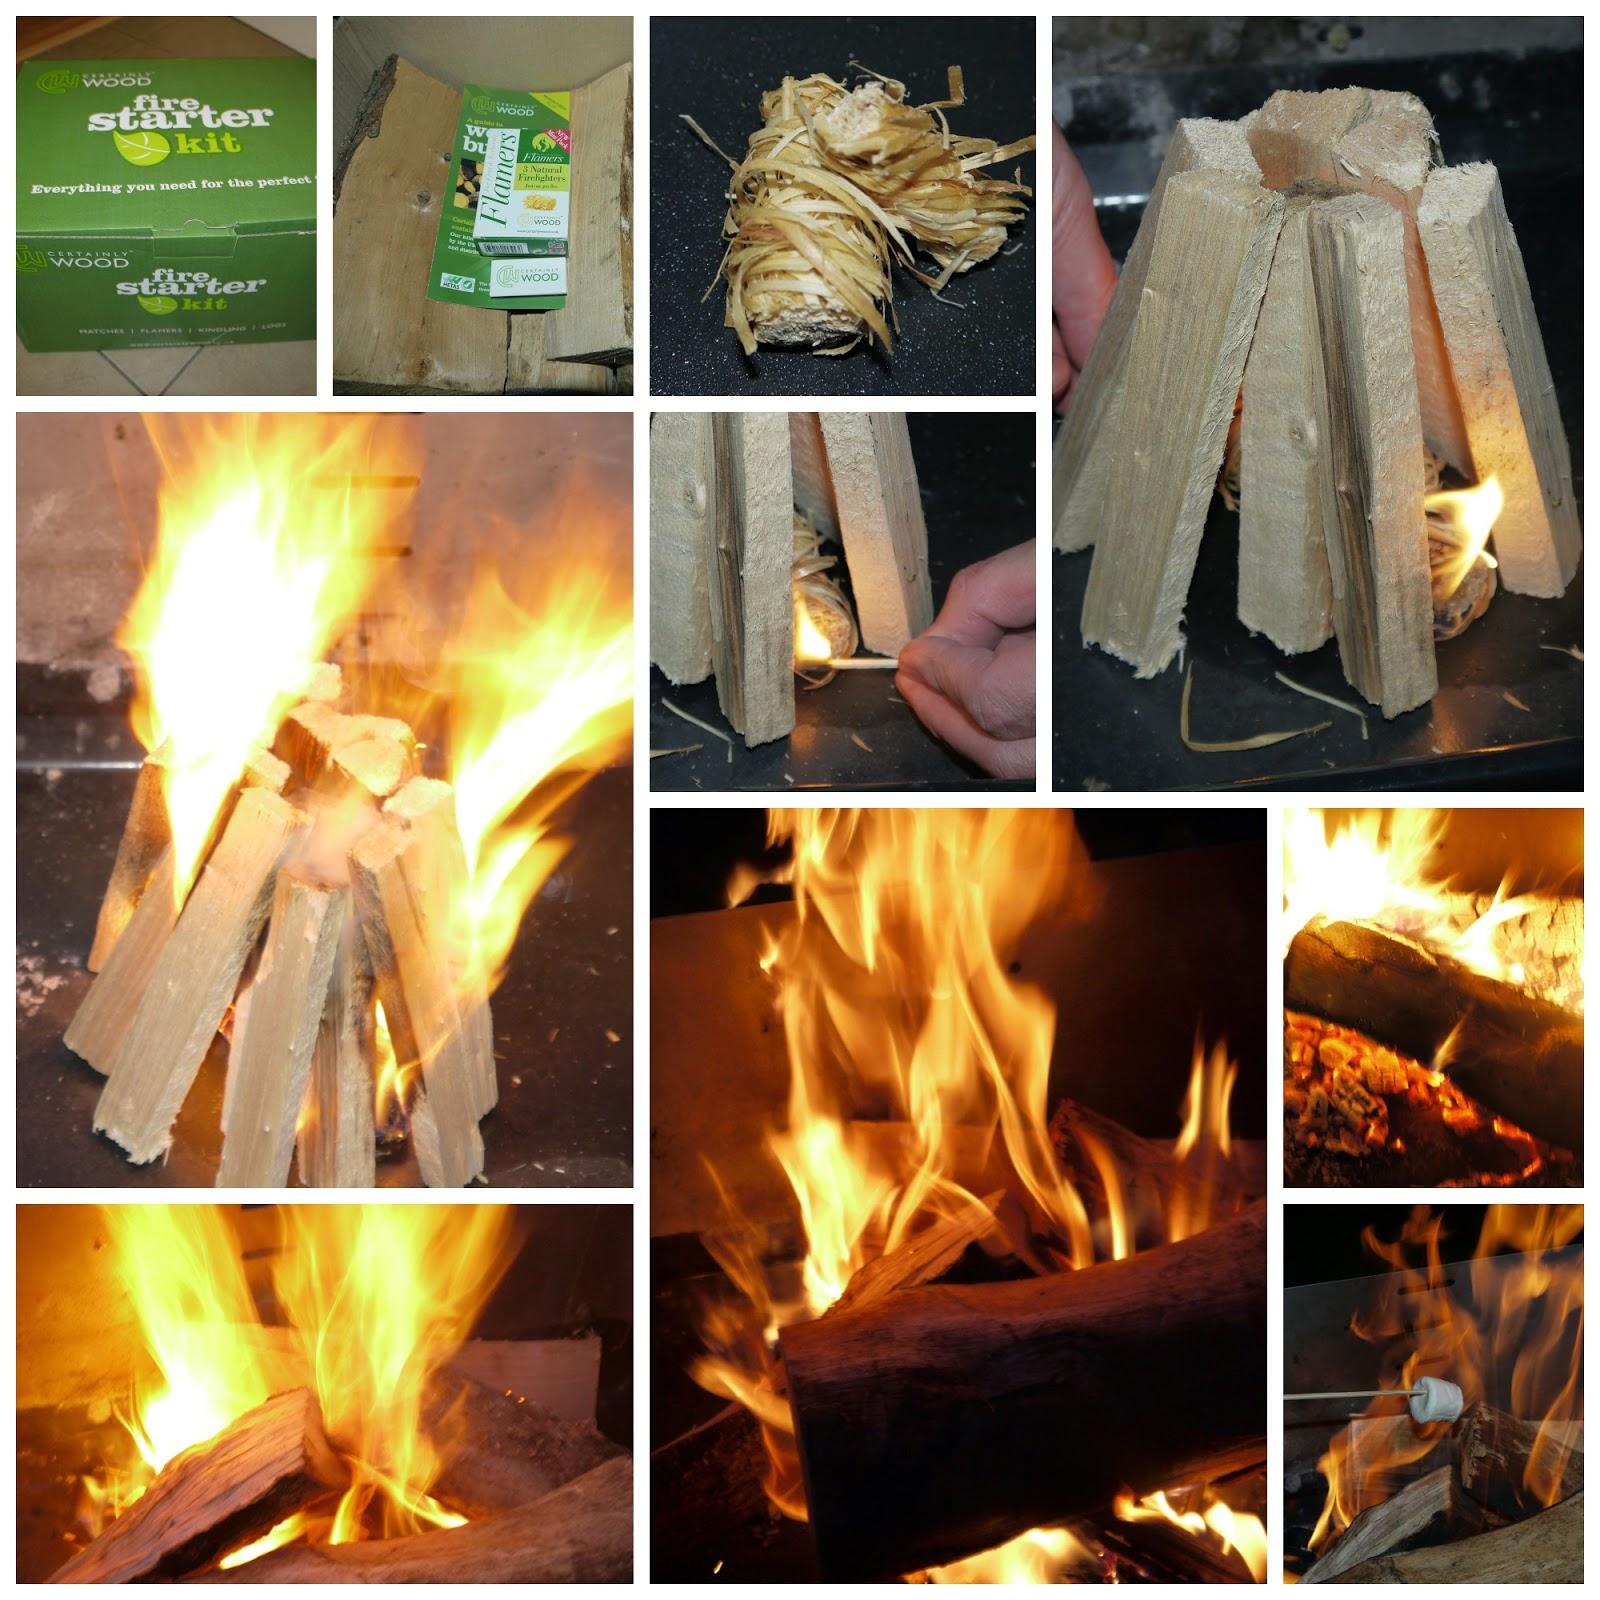 firestarter, certainly wood